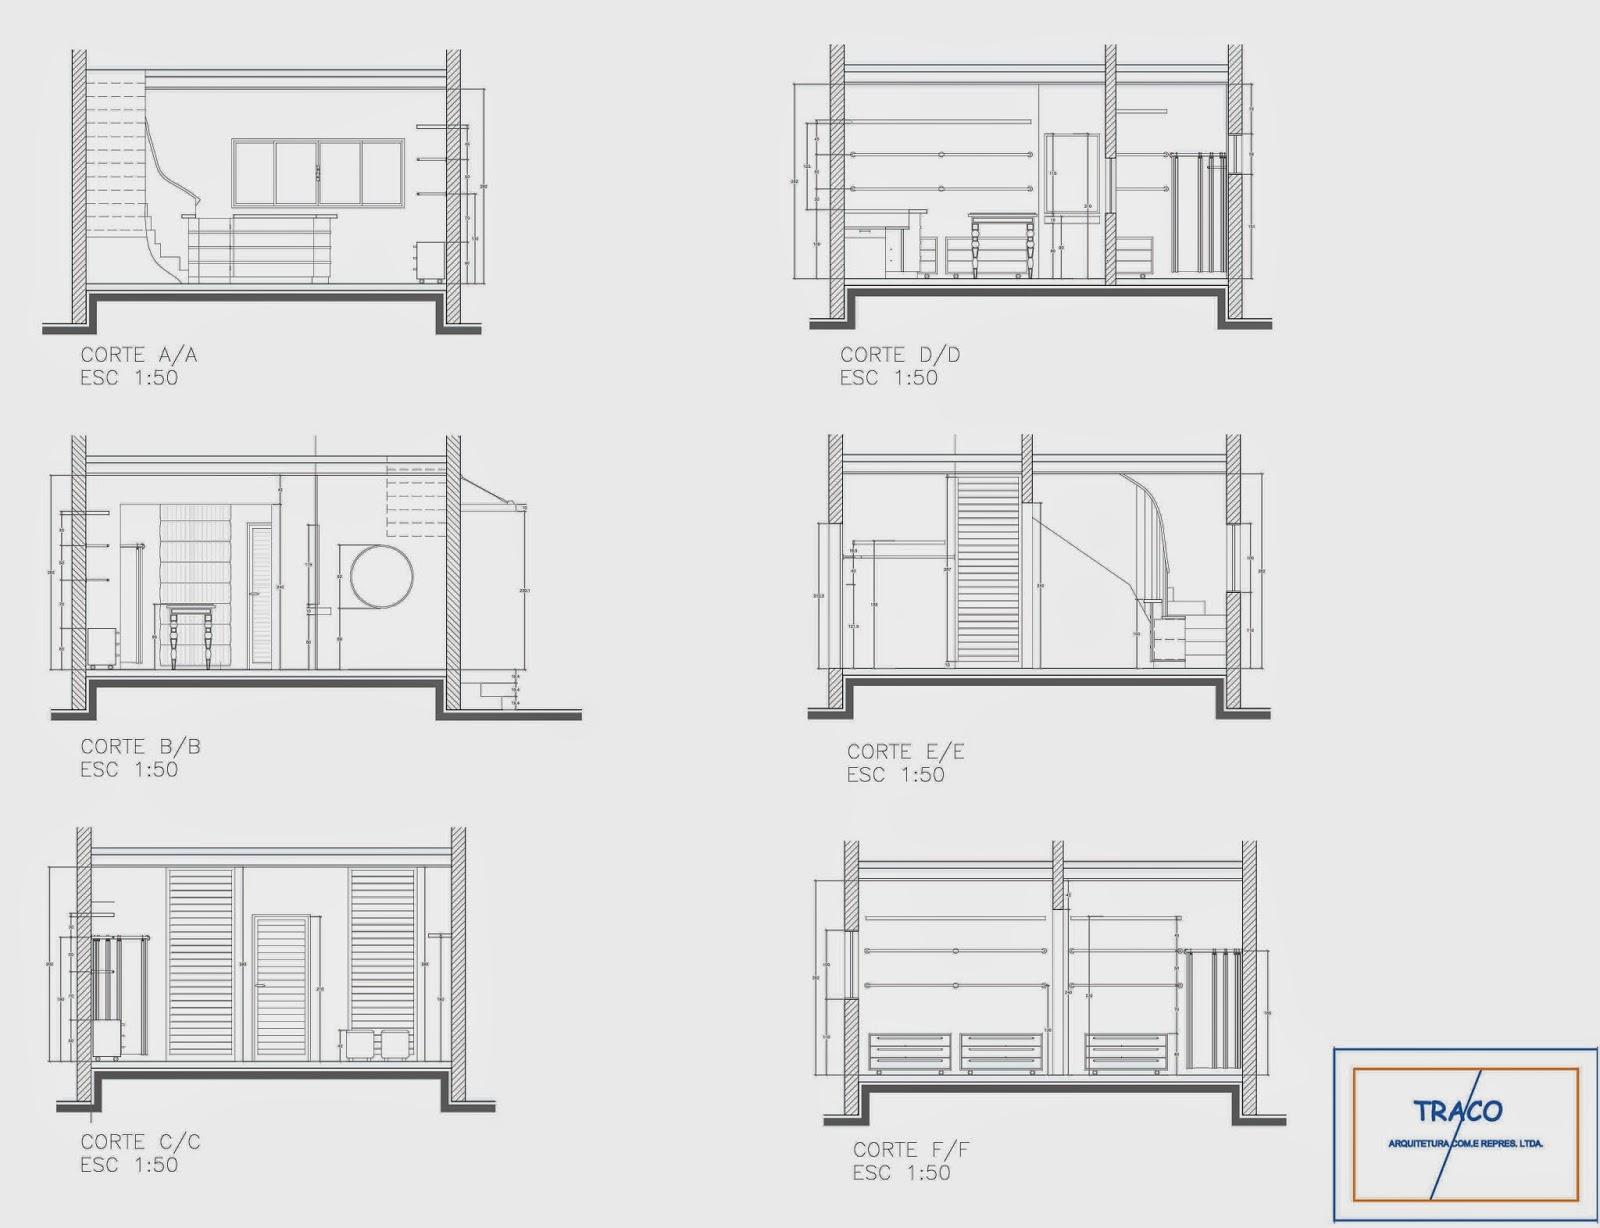 Imagens de #8C633F Utilizando o autocad 2d desenvolvendo plantas cortes perspectivas  1600x1228 px 3432 Bloco Cad Banheiro Corte